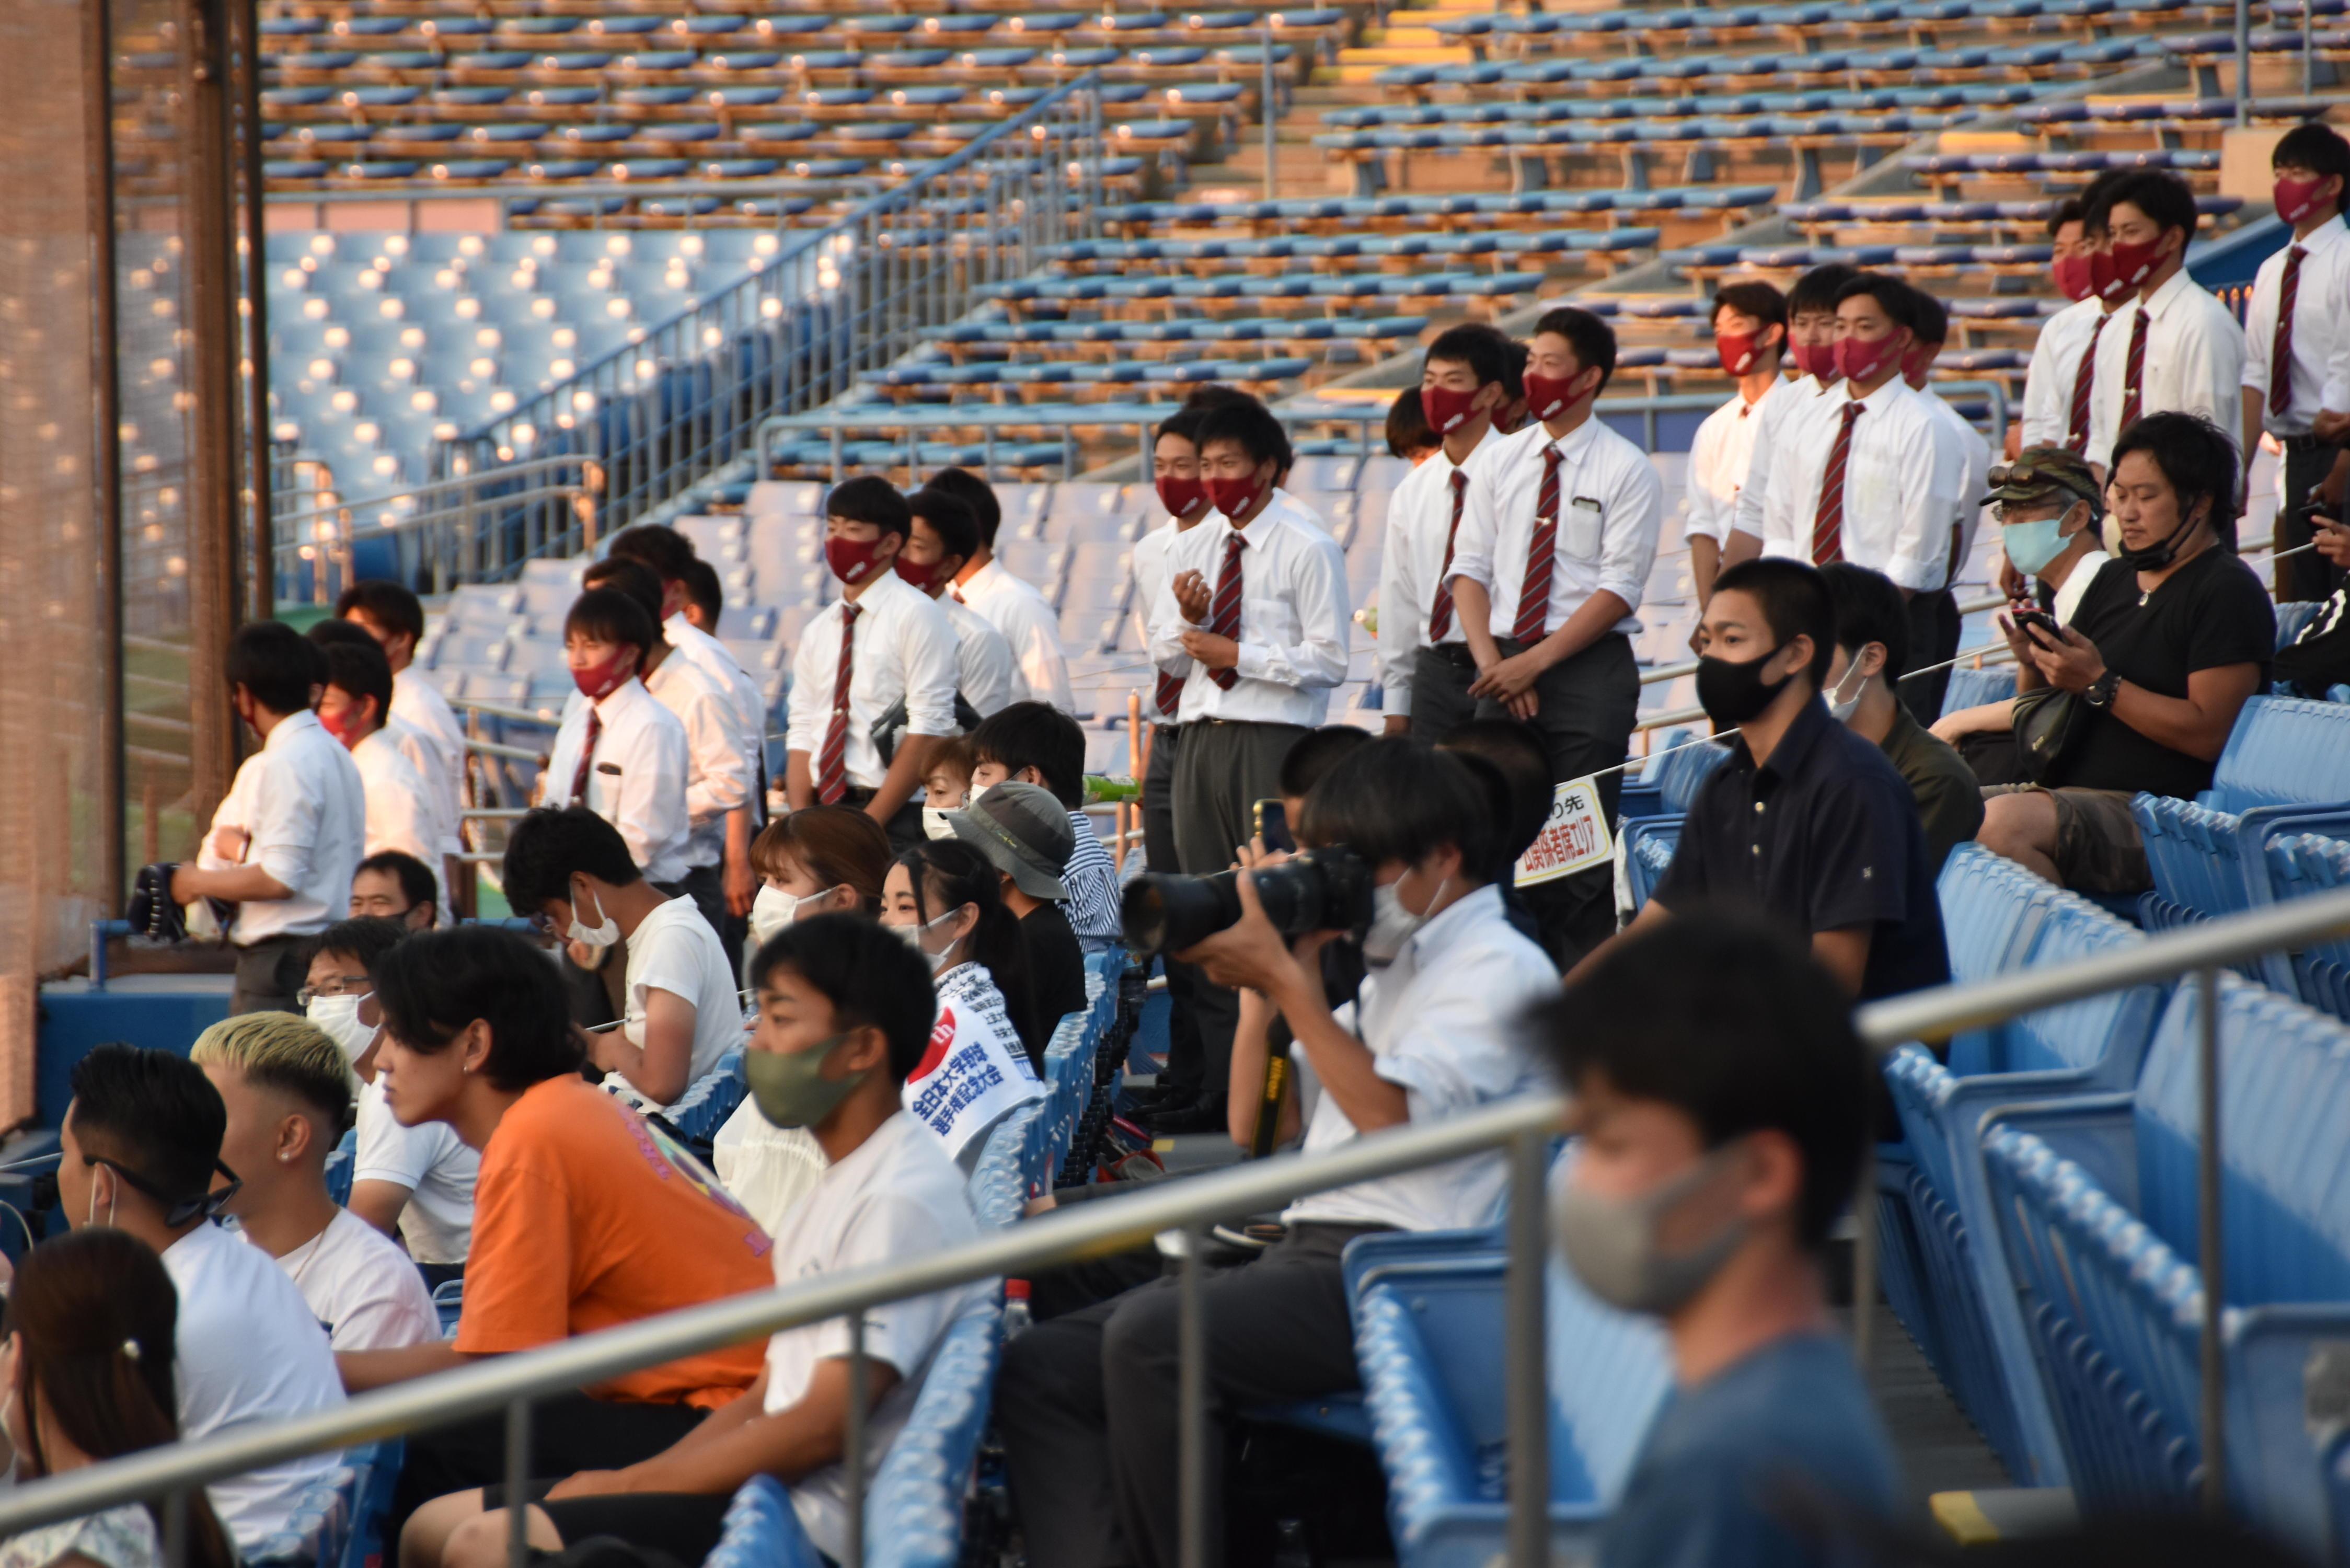 スタンドから選手たちをたたえる硬式野球部員ら=東京の神宮球場で